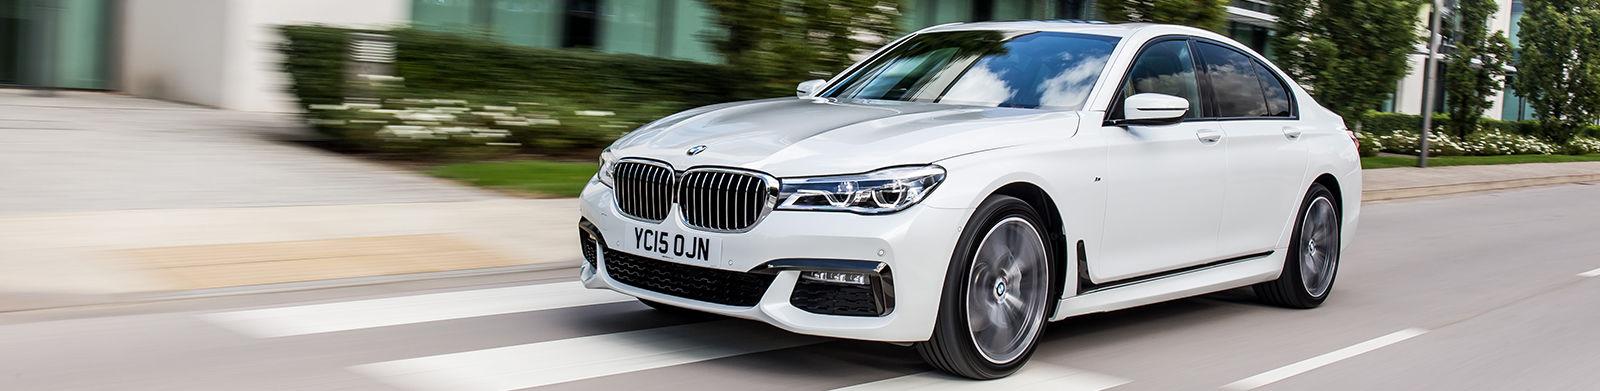 White BMW 7 Series Saloon